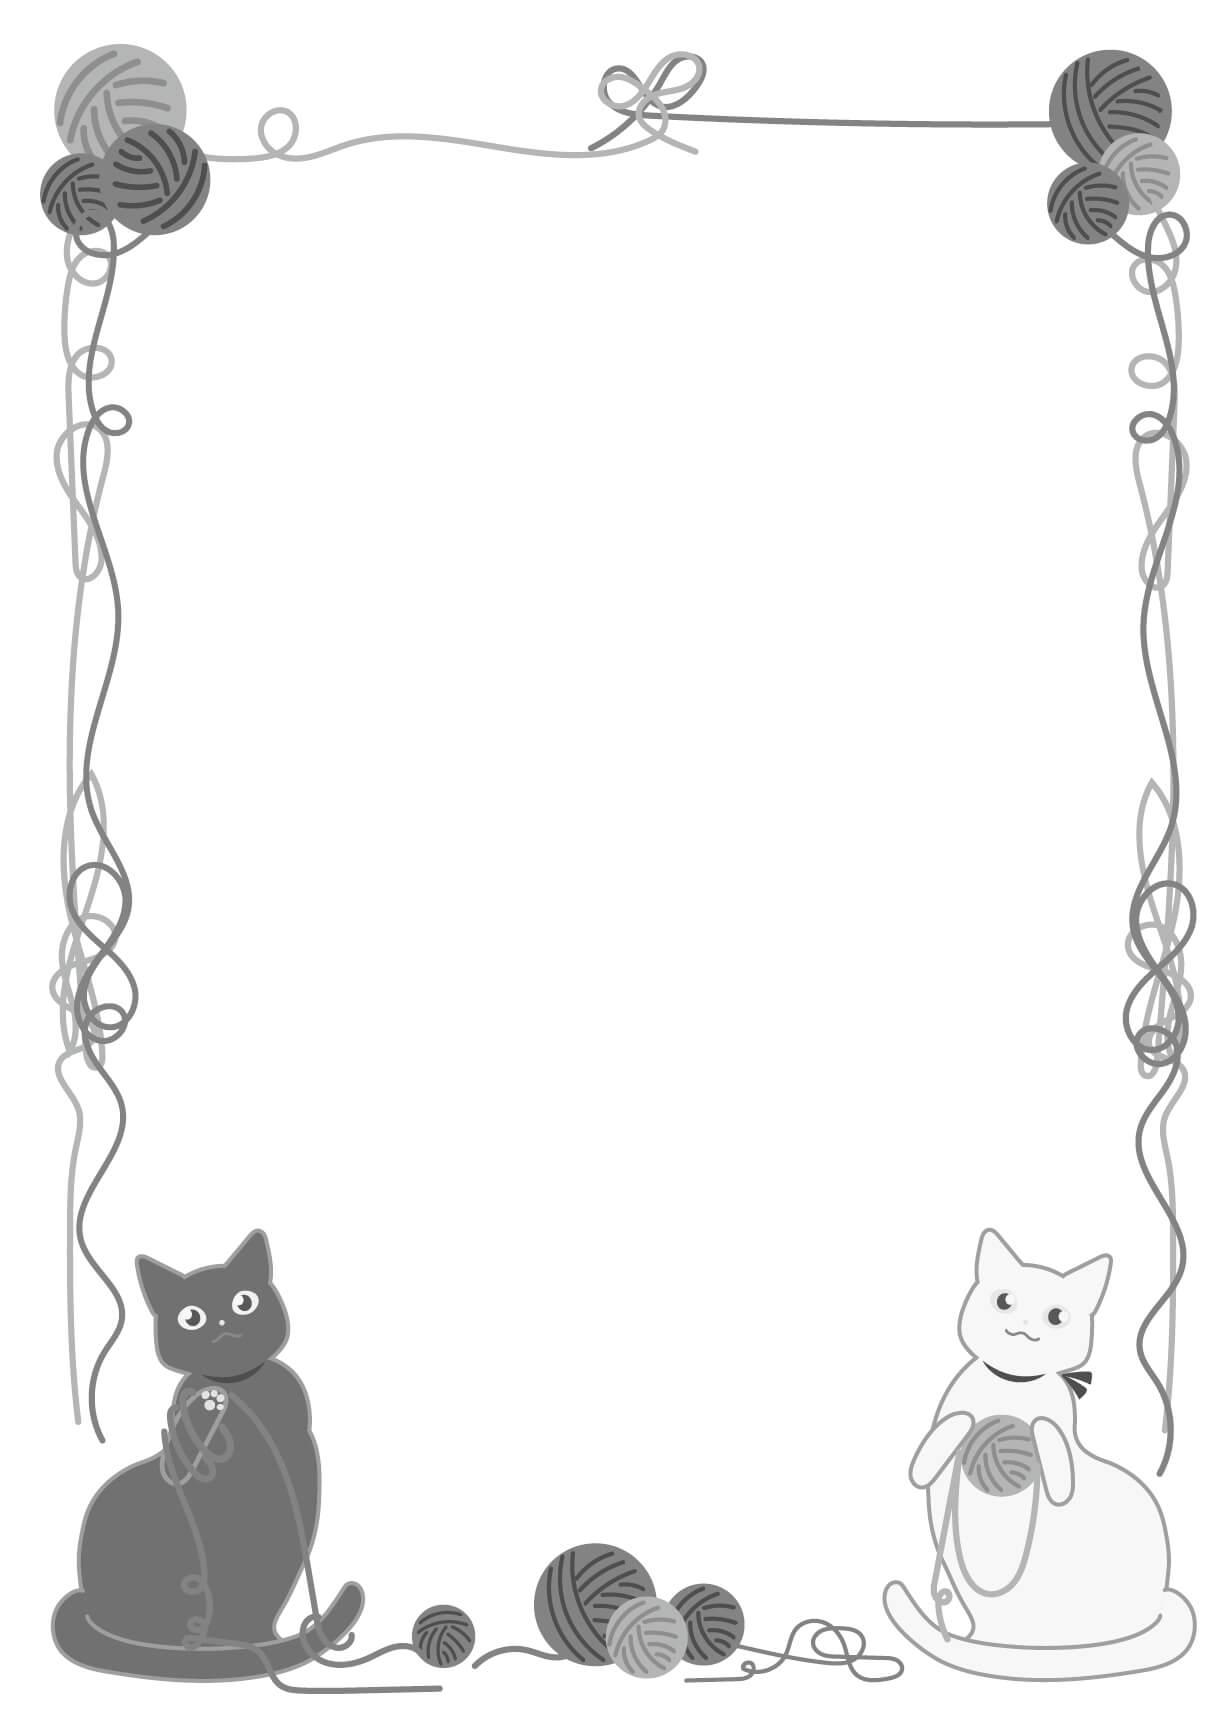 猫のフレームイラスト(白黒)